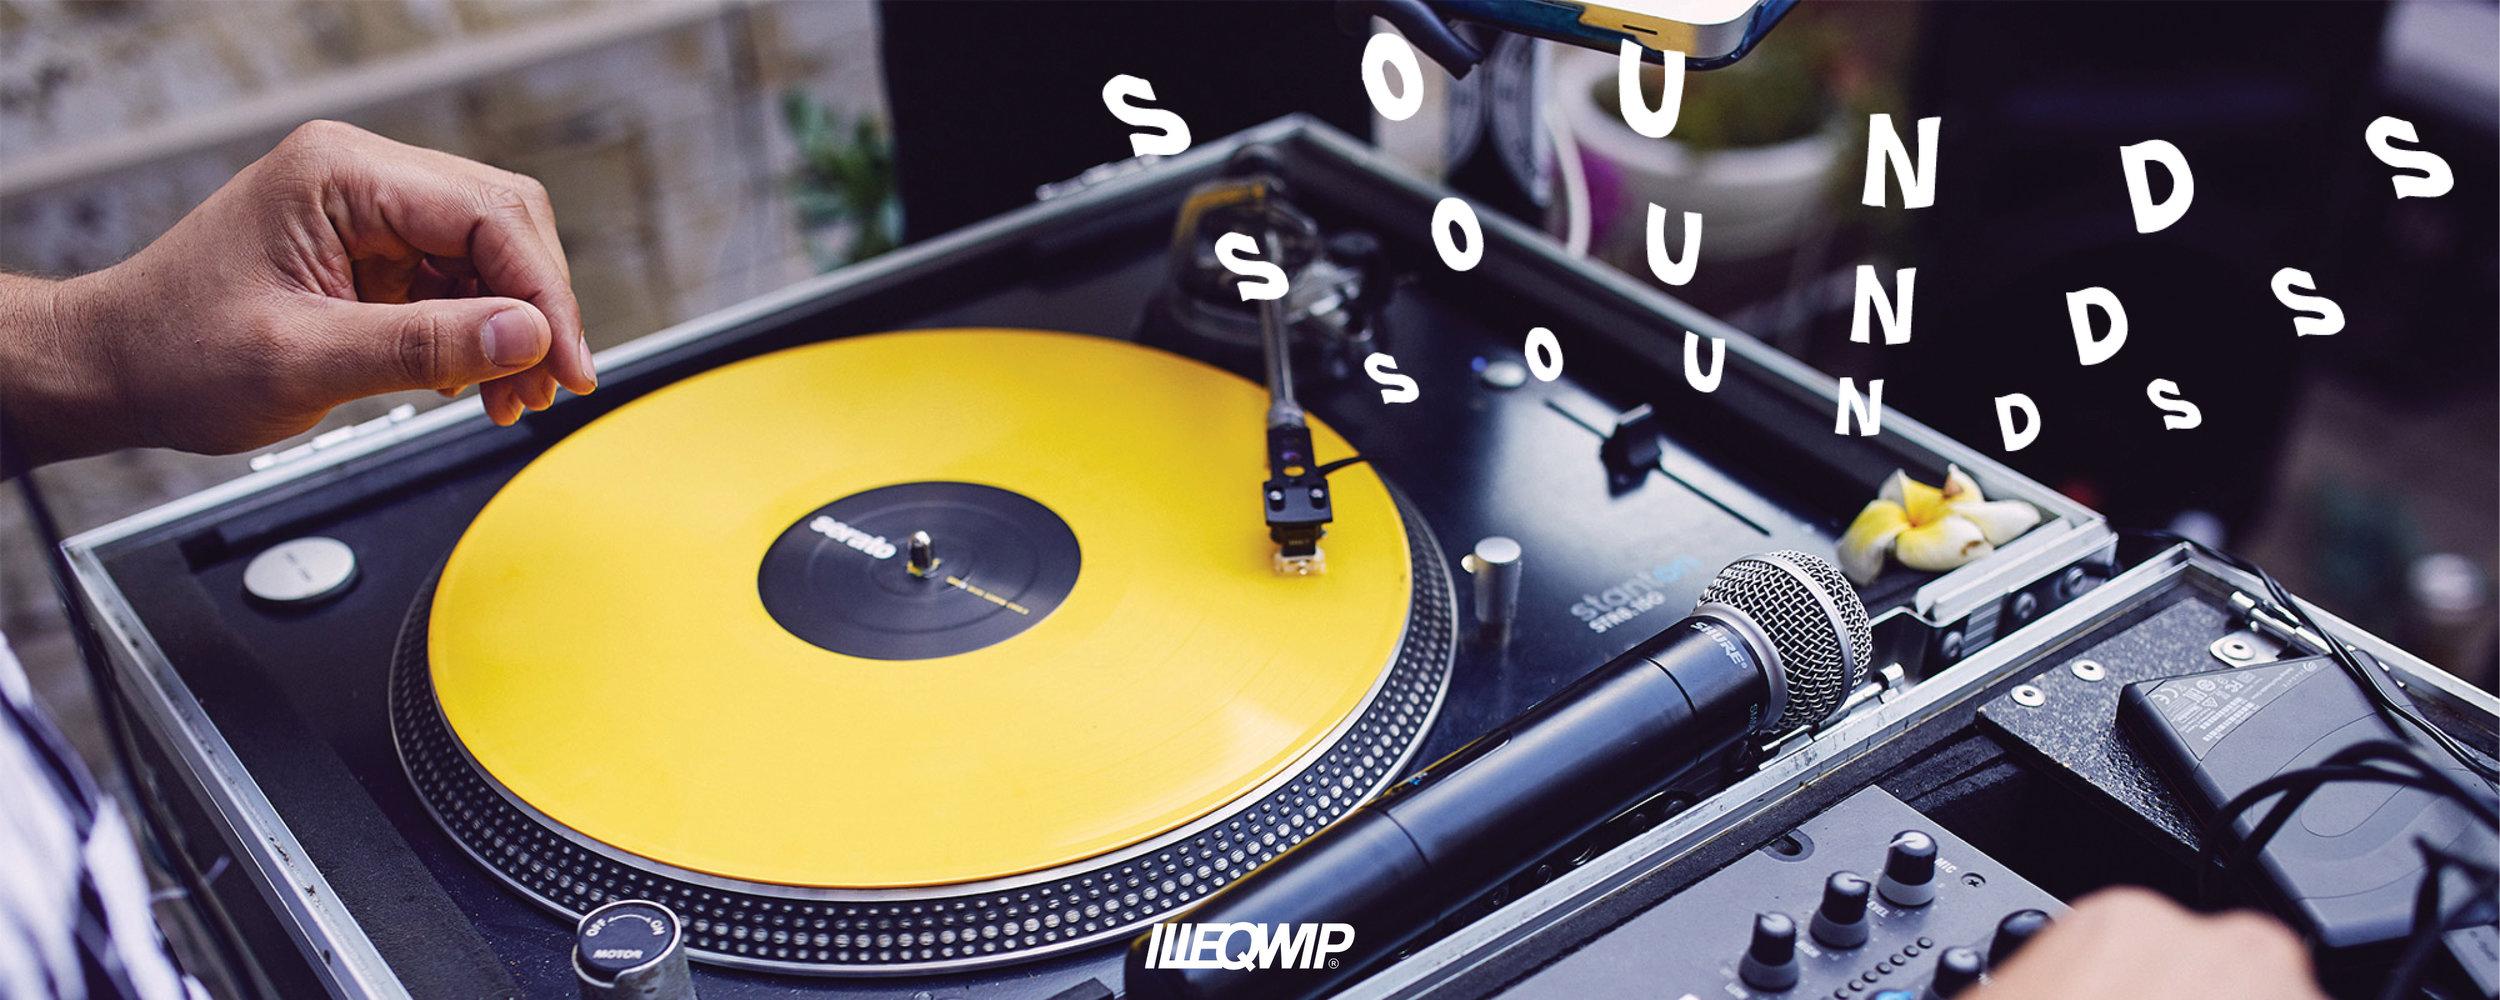 illeqwip_sounds_web_header.jpg